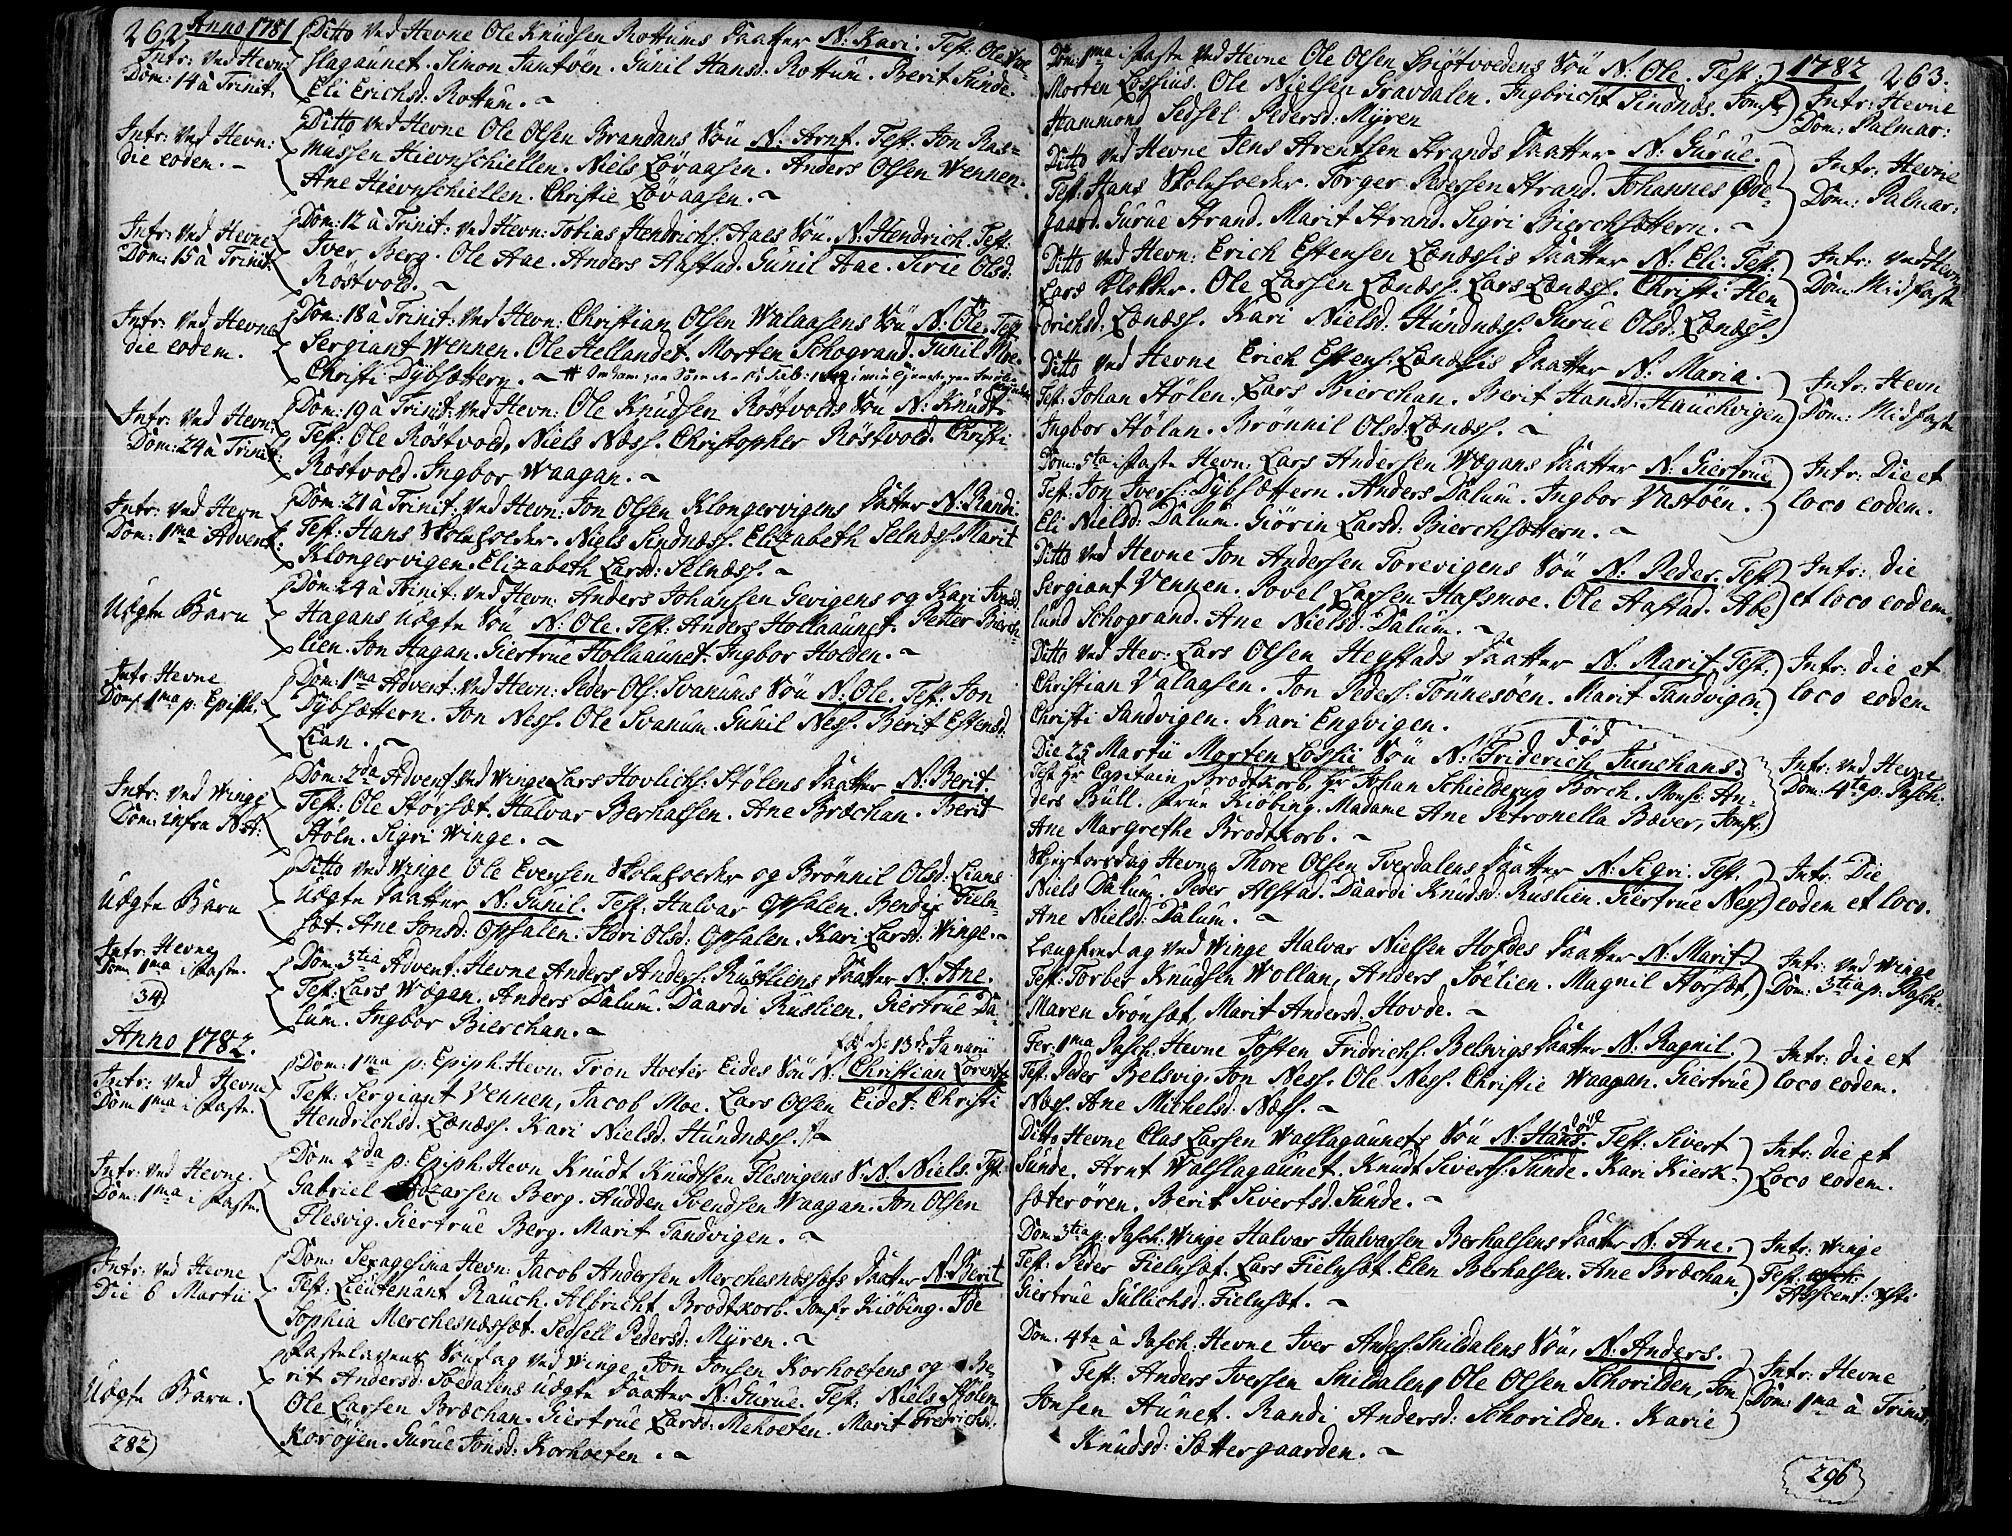 SAT, Ministerialprotokoller, klokkerbøker og fødselsregistre - Sør-Trøndelag, 630/L0489: Ministerialbok nr. 630A02, 1757-1794, s. 262-263